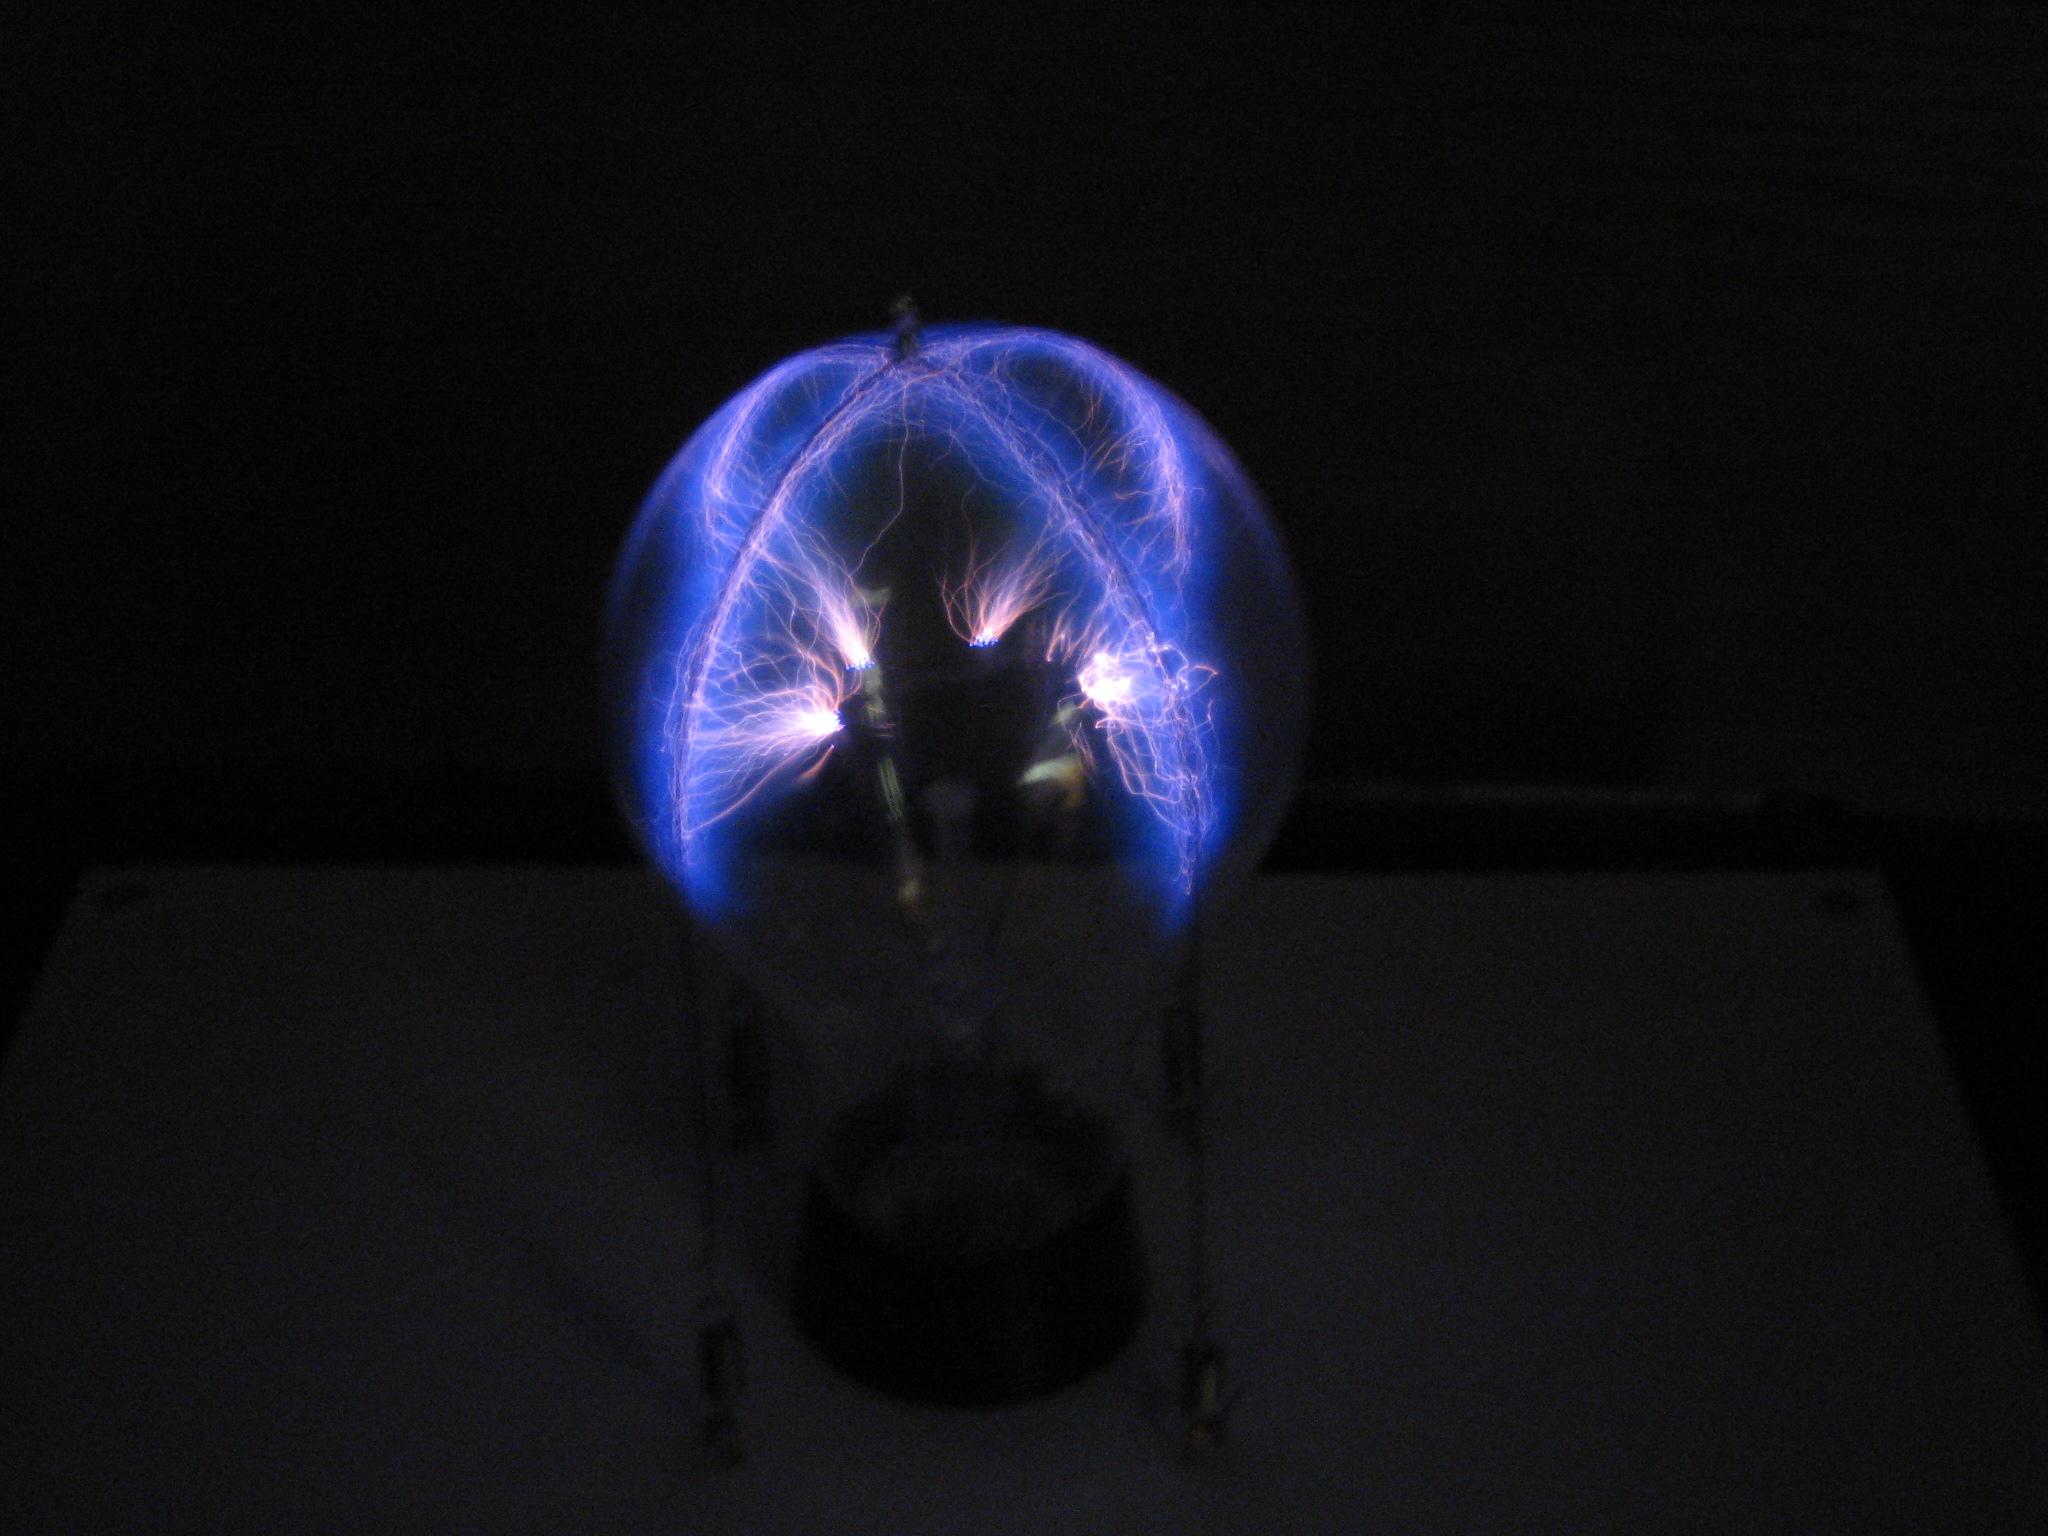 fabriquer une lampe plasma avec une ampoule 220 volts semageek. Black Bedroom Furniture Sets. Home Design Ideas